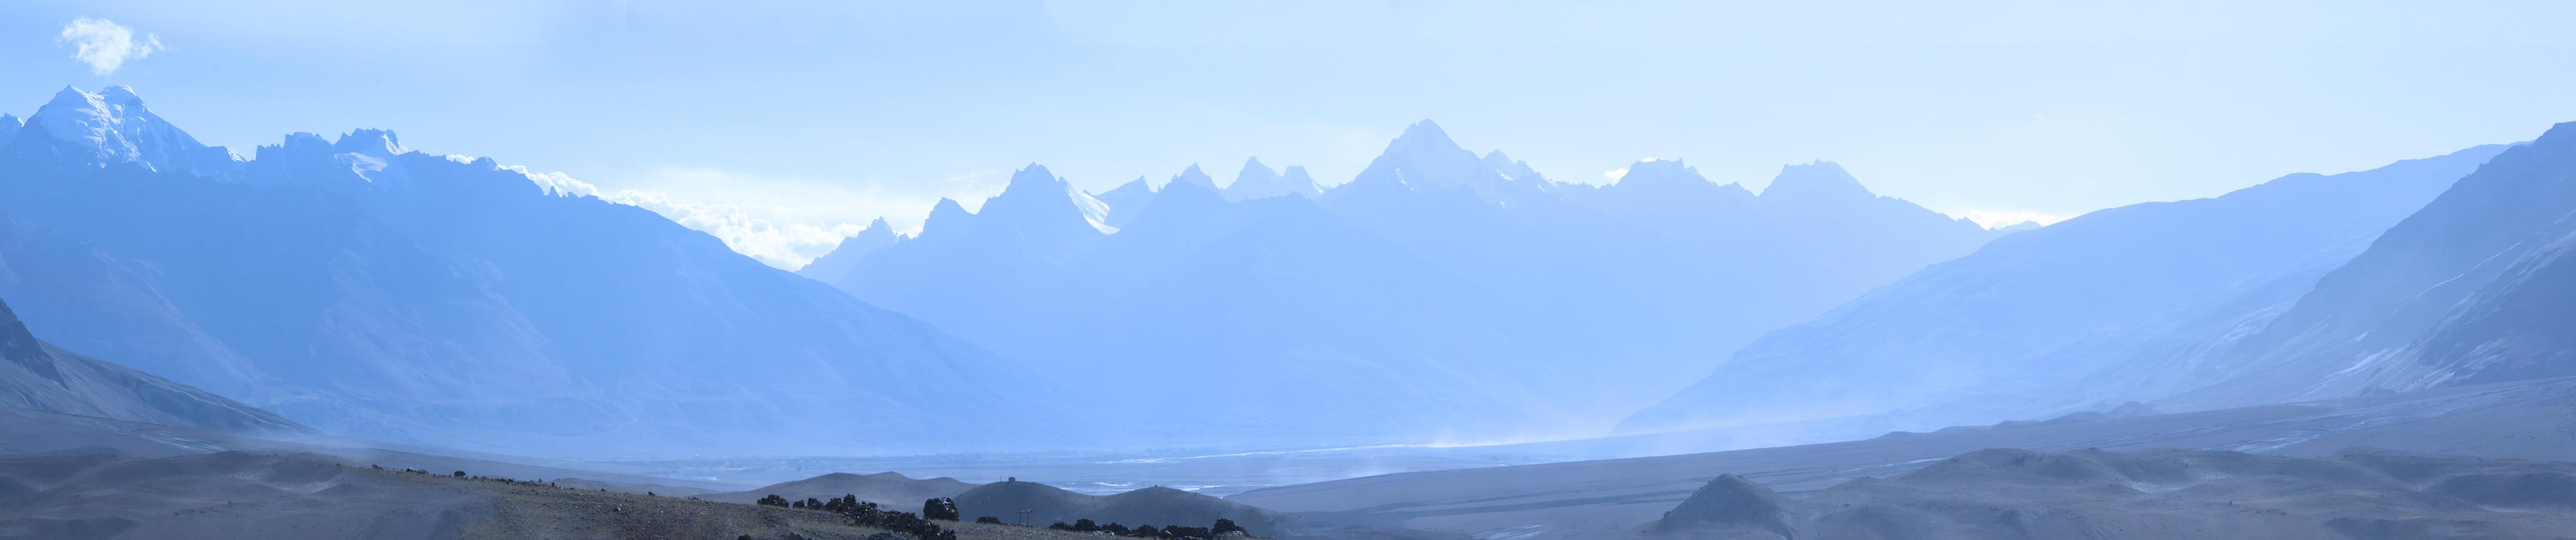 Занскар в утренней дымке. Панорамы Гималаев